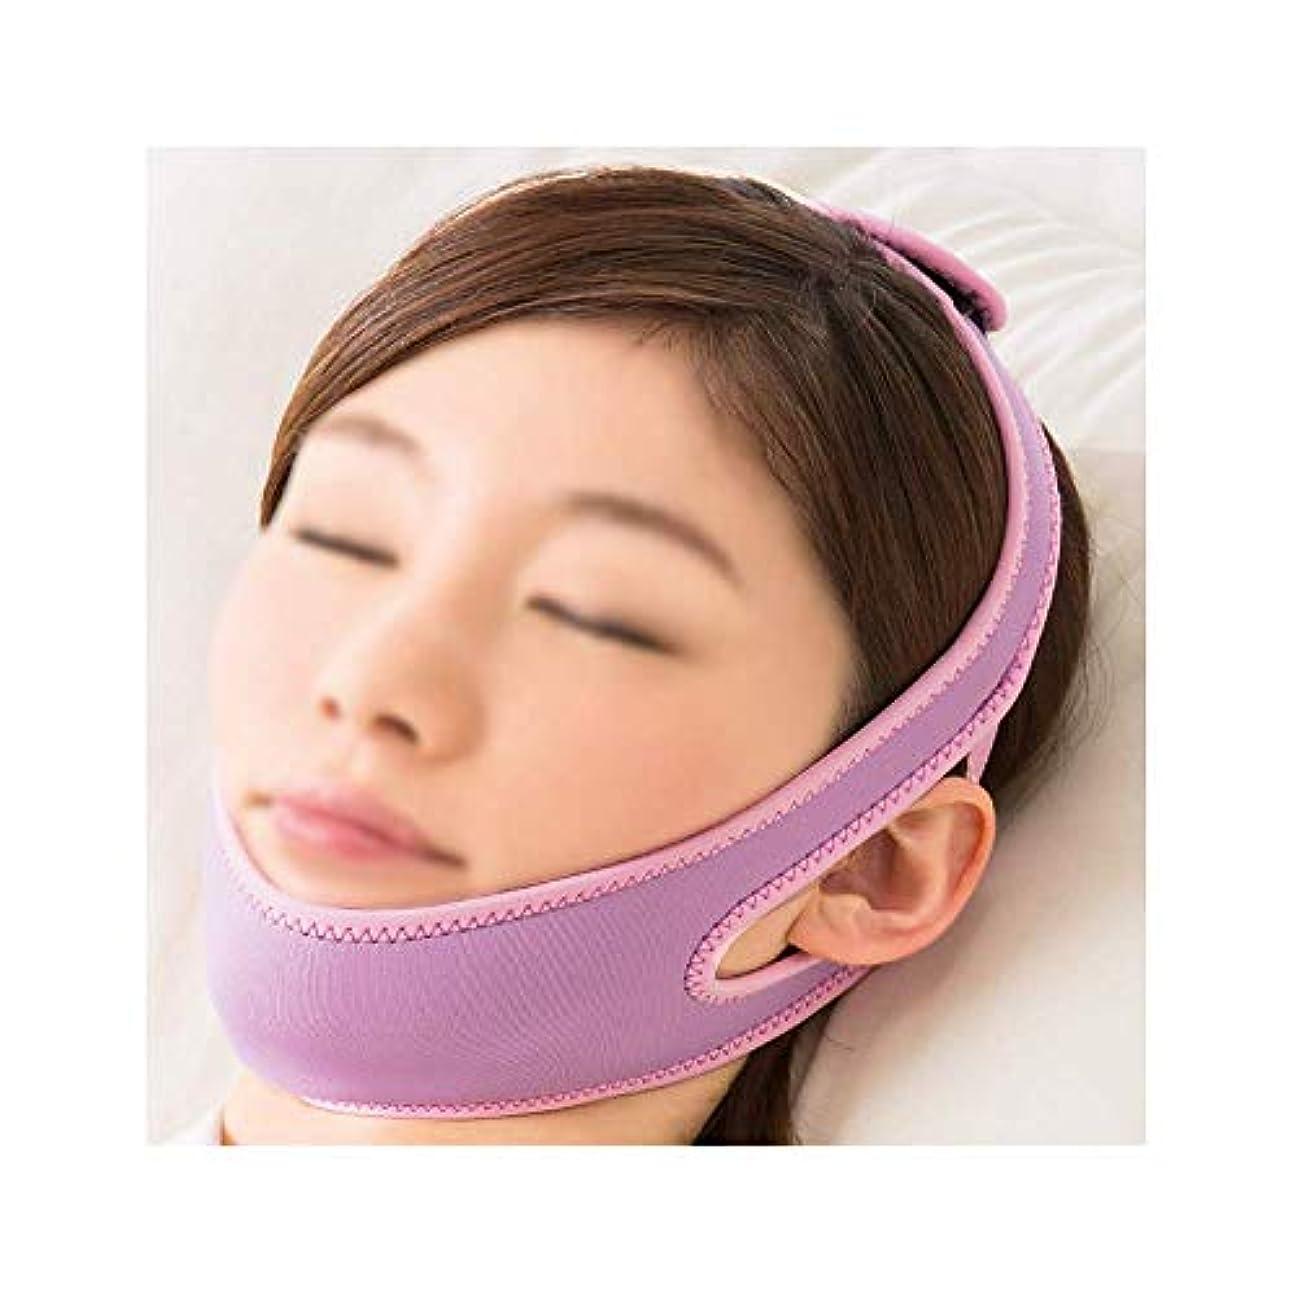 交換可能名目上のモンクフェイシャルマスク、フェイスリフティングアーティファクトフェイスマスク垂れ下がり面付きVフェイス包帯通気性スリーピングフェイスダブルチンチンセット睡眠弾性スリムベルト